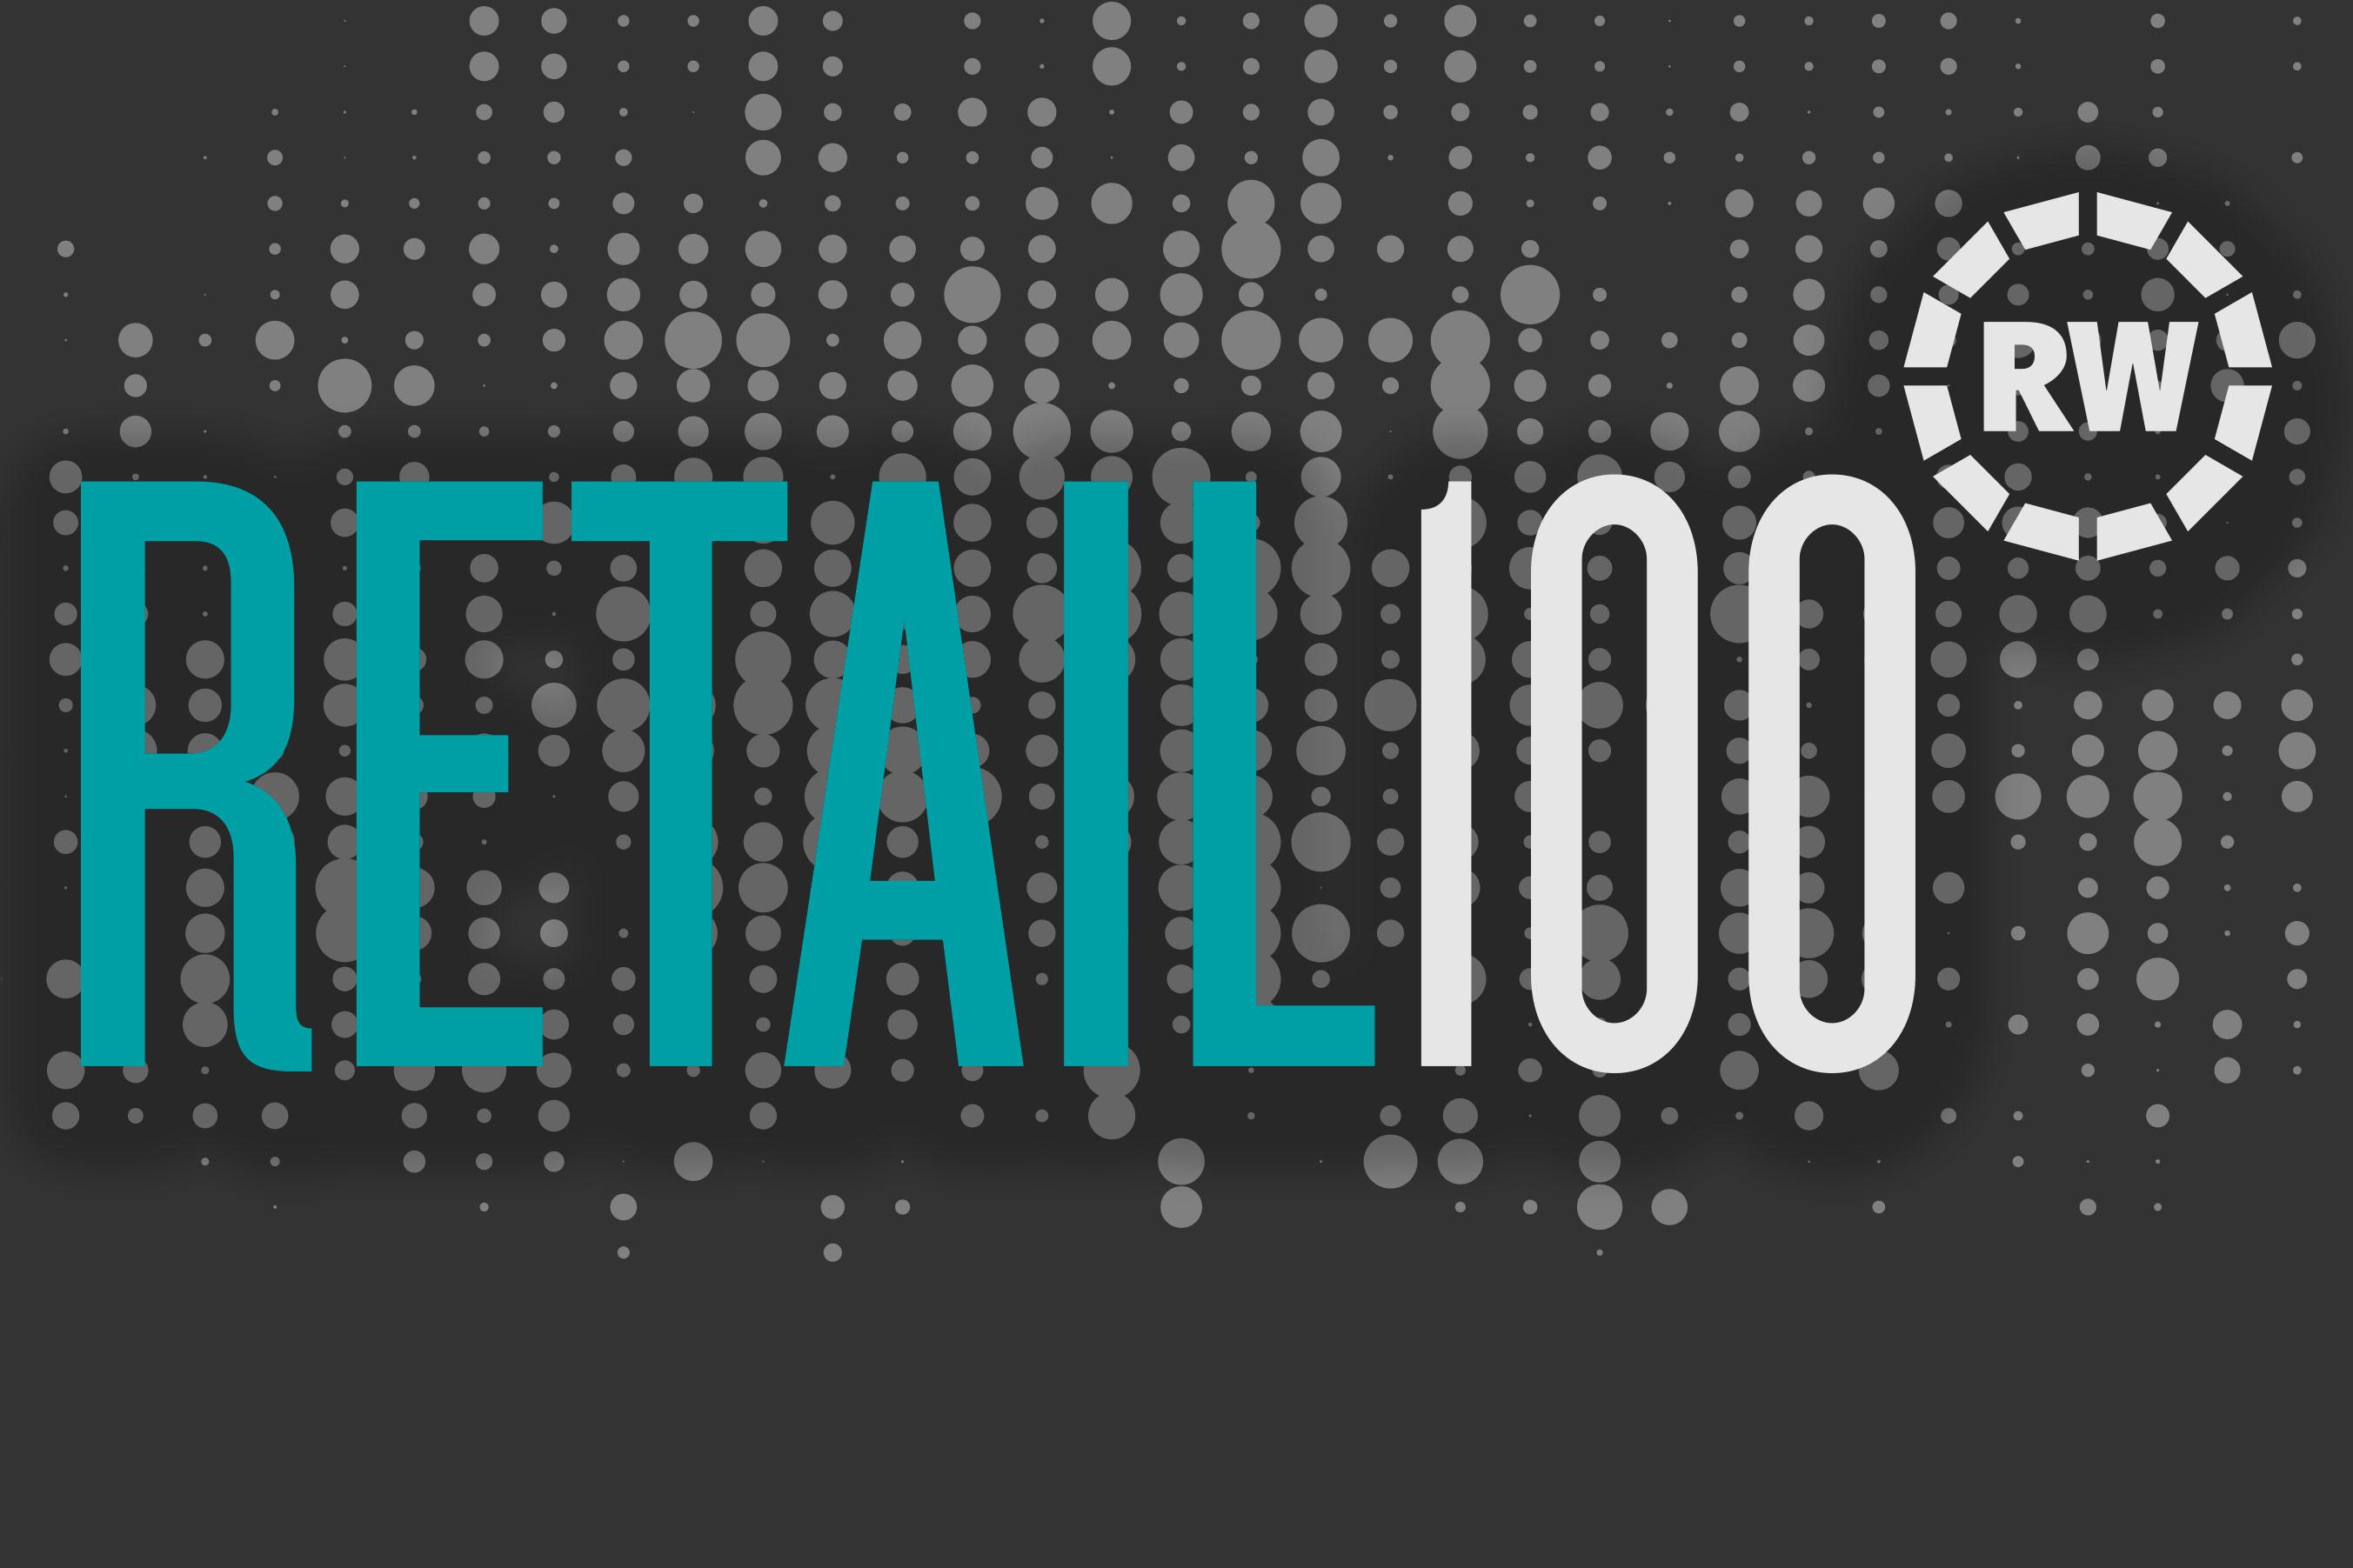 Retail 100 from Retail Week